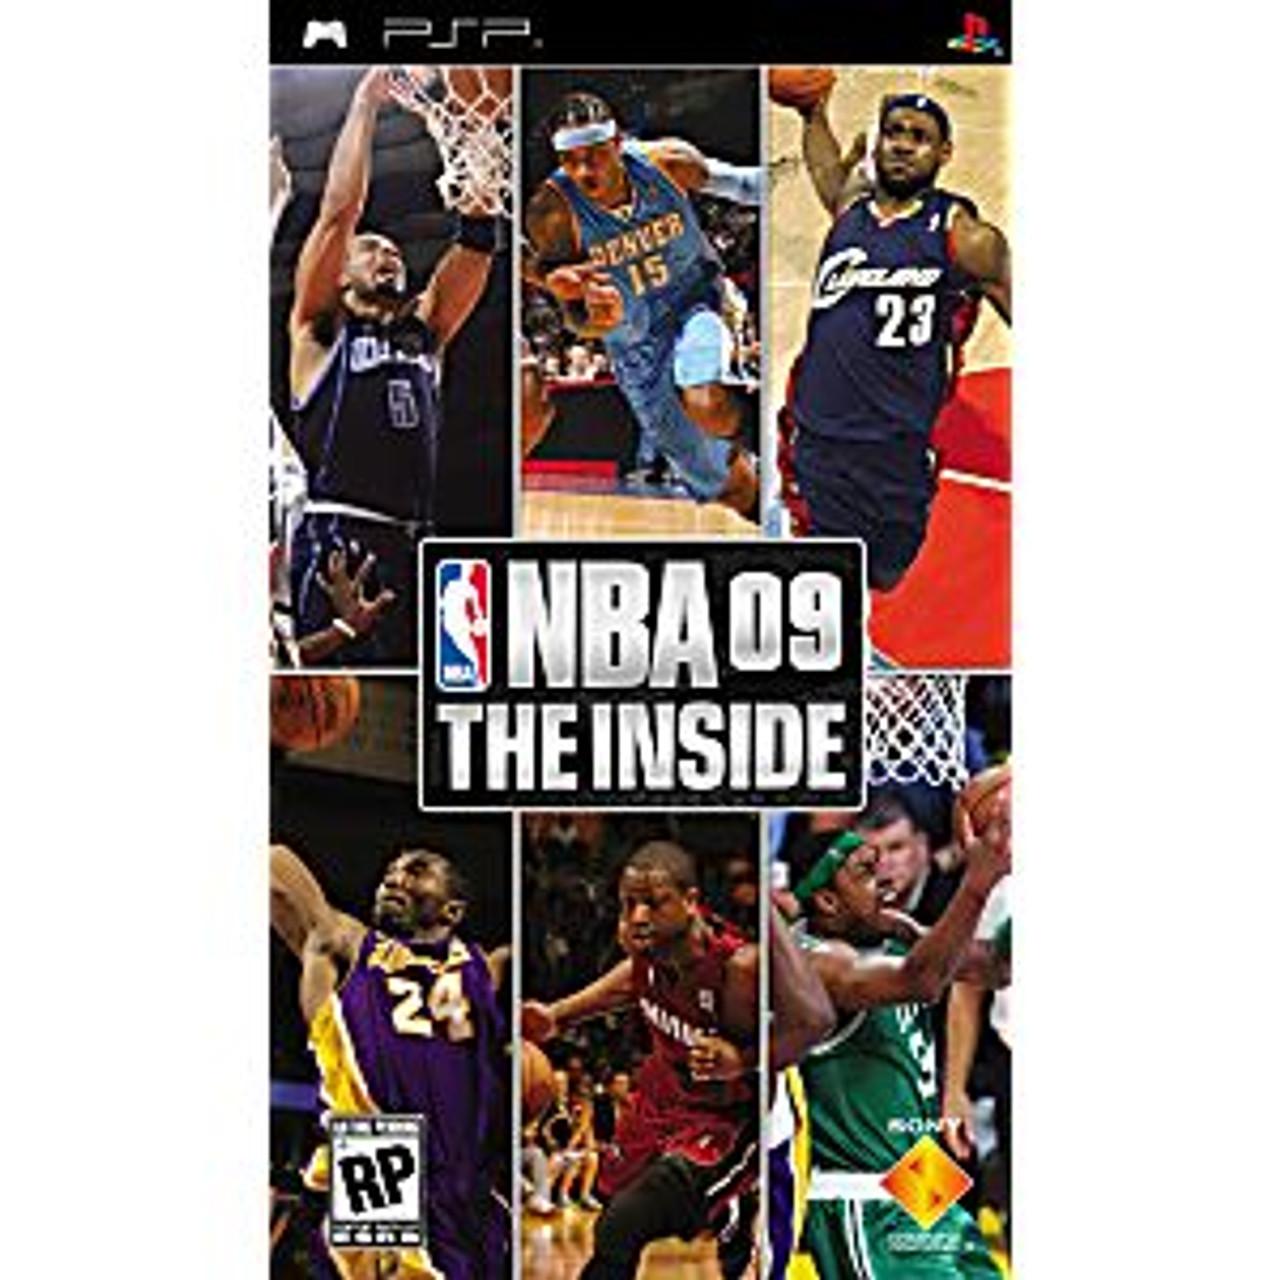 NBA 09 THE INSIDE - PSP